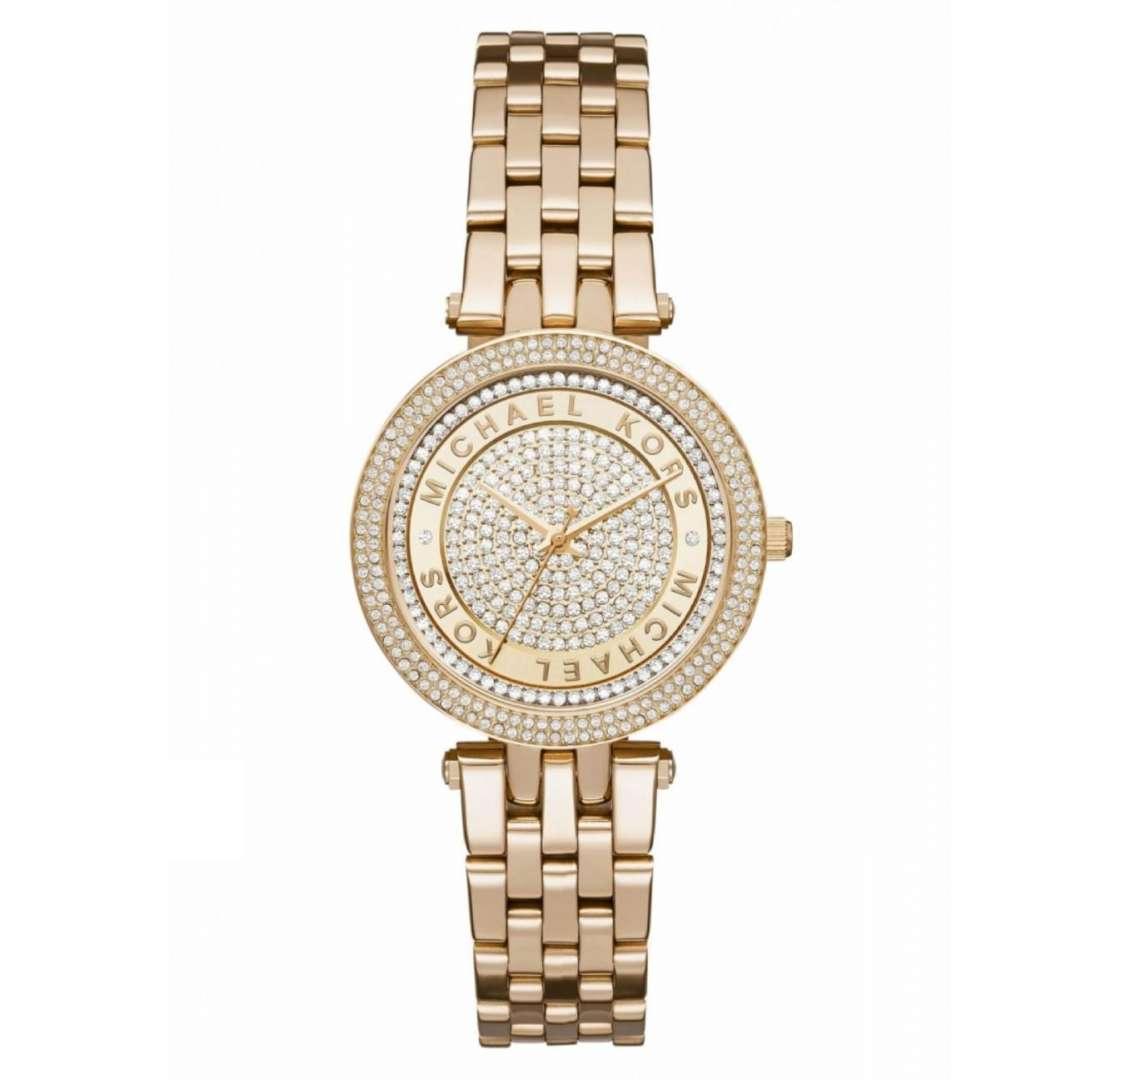 שעון יד אנלוגי לאישה michael kors mk3445 מייקל קורס